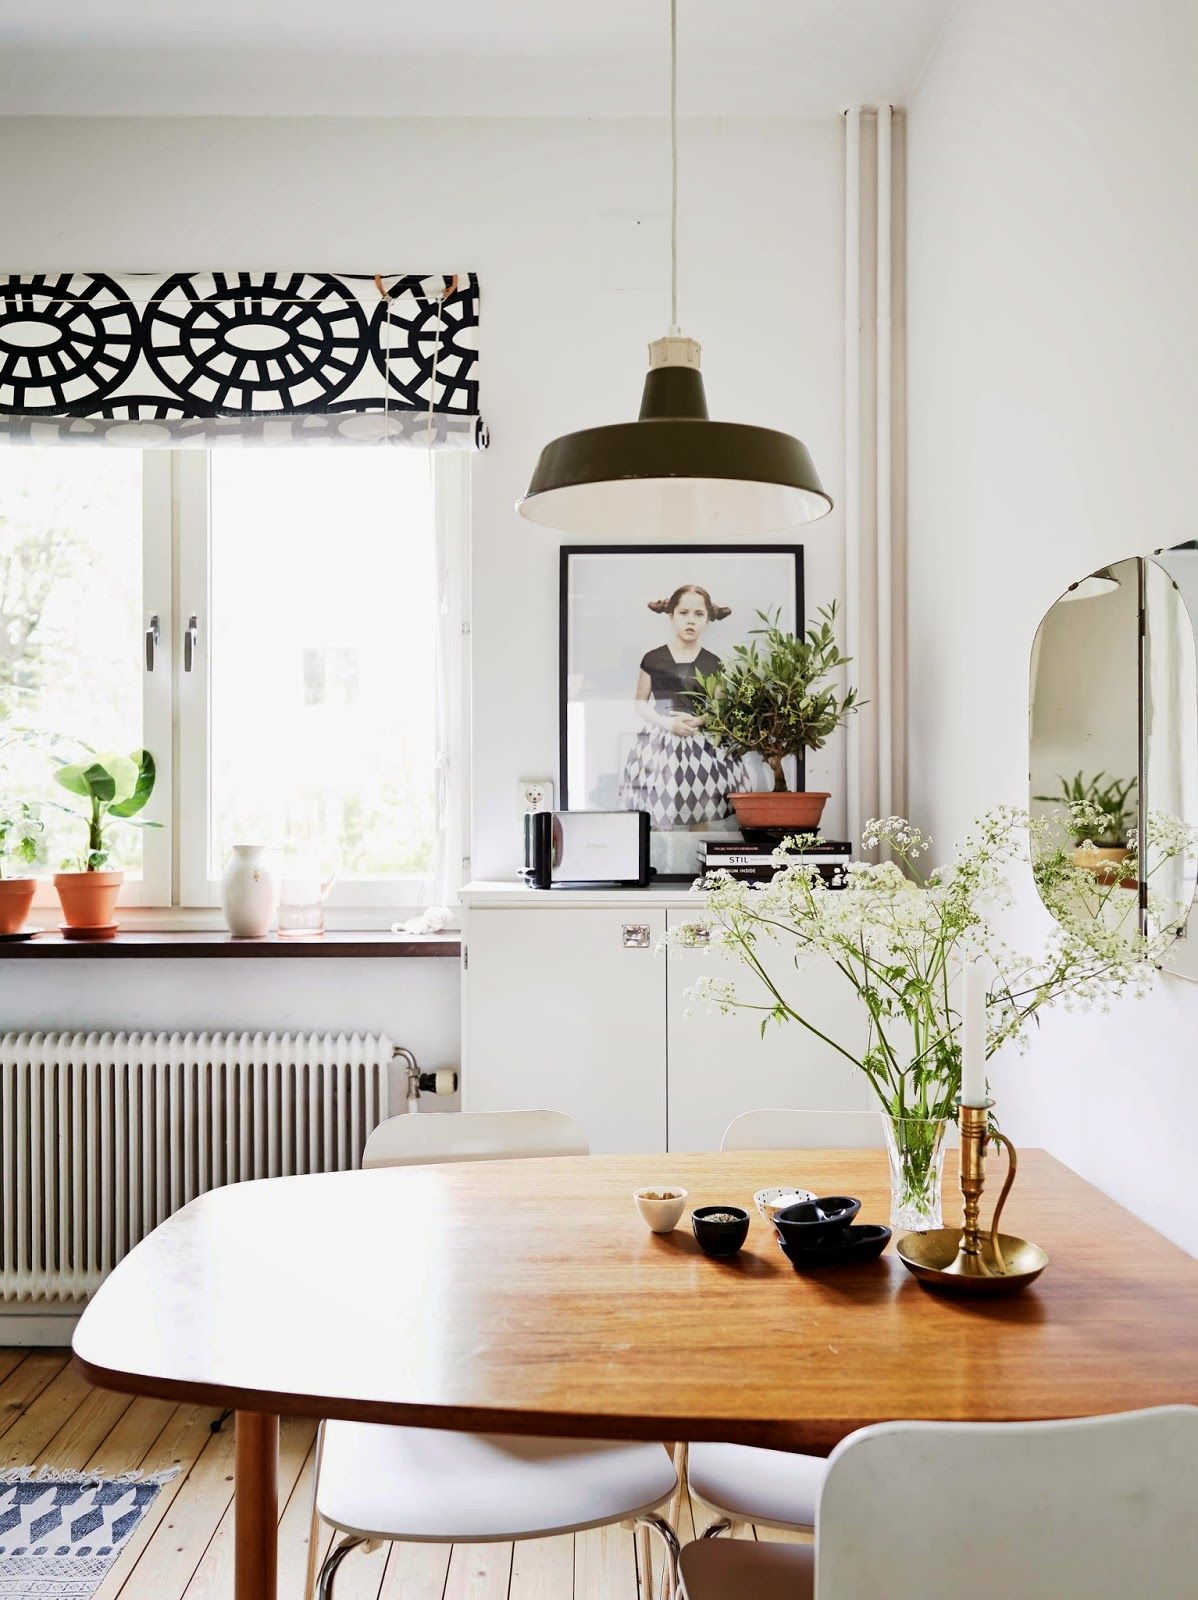 Esstisch ideen einrichten table  einrichtung  pinterest  esstische küche und zuhause